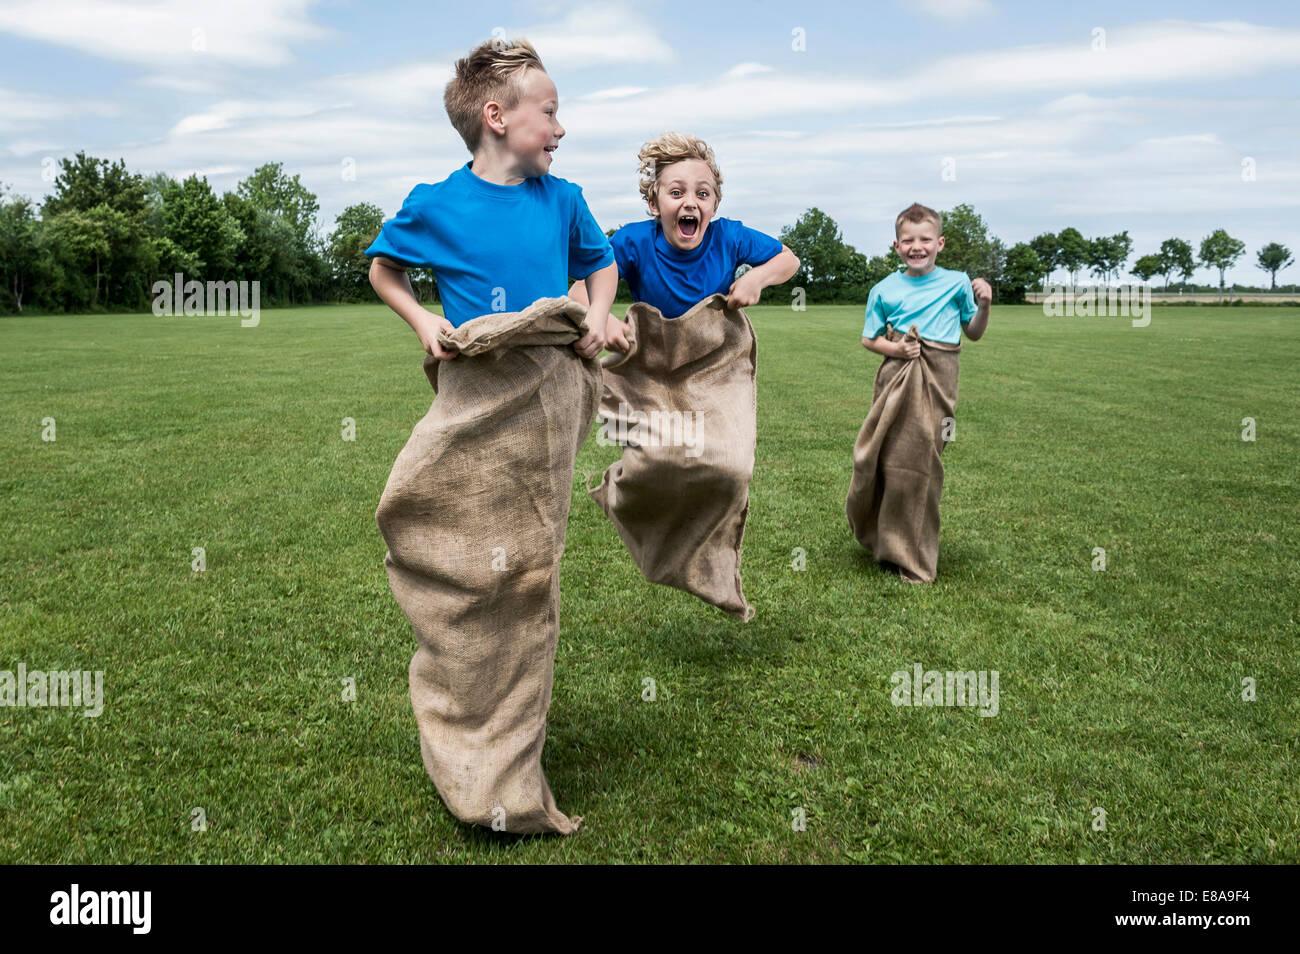 Trois jeunes garçons s'exécutant en saut d'sackrace Photo Stock